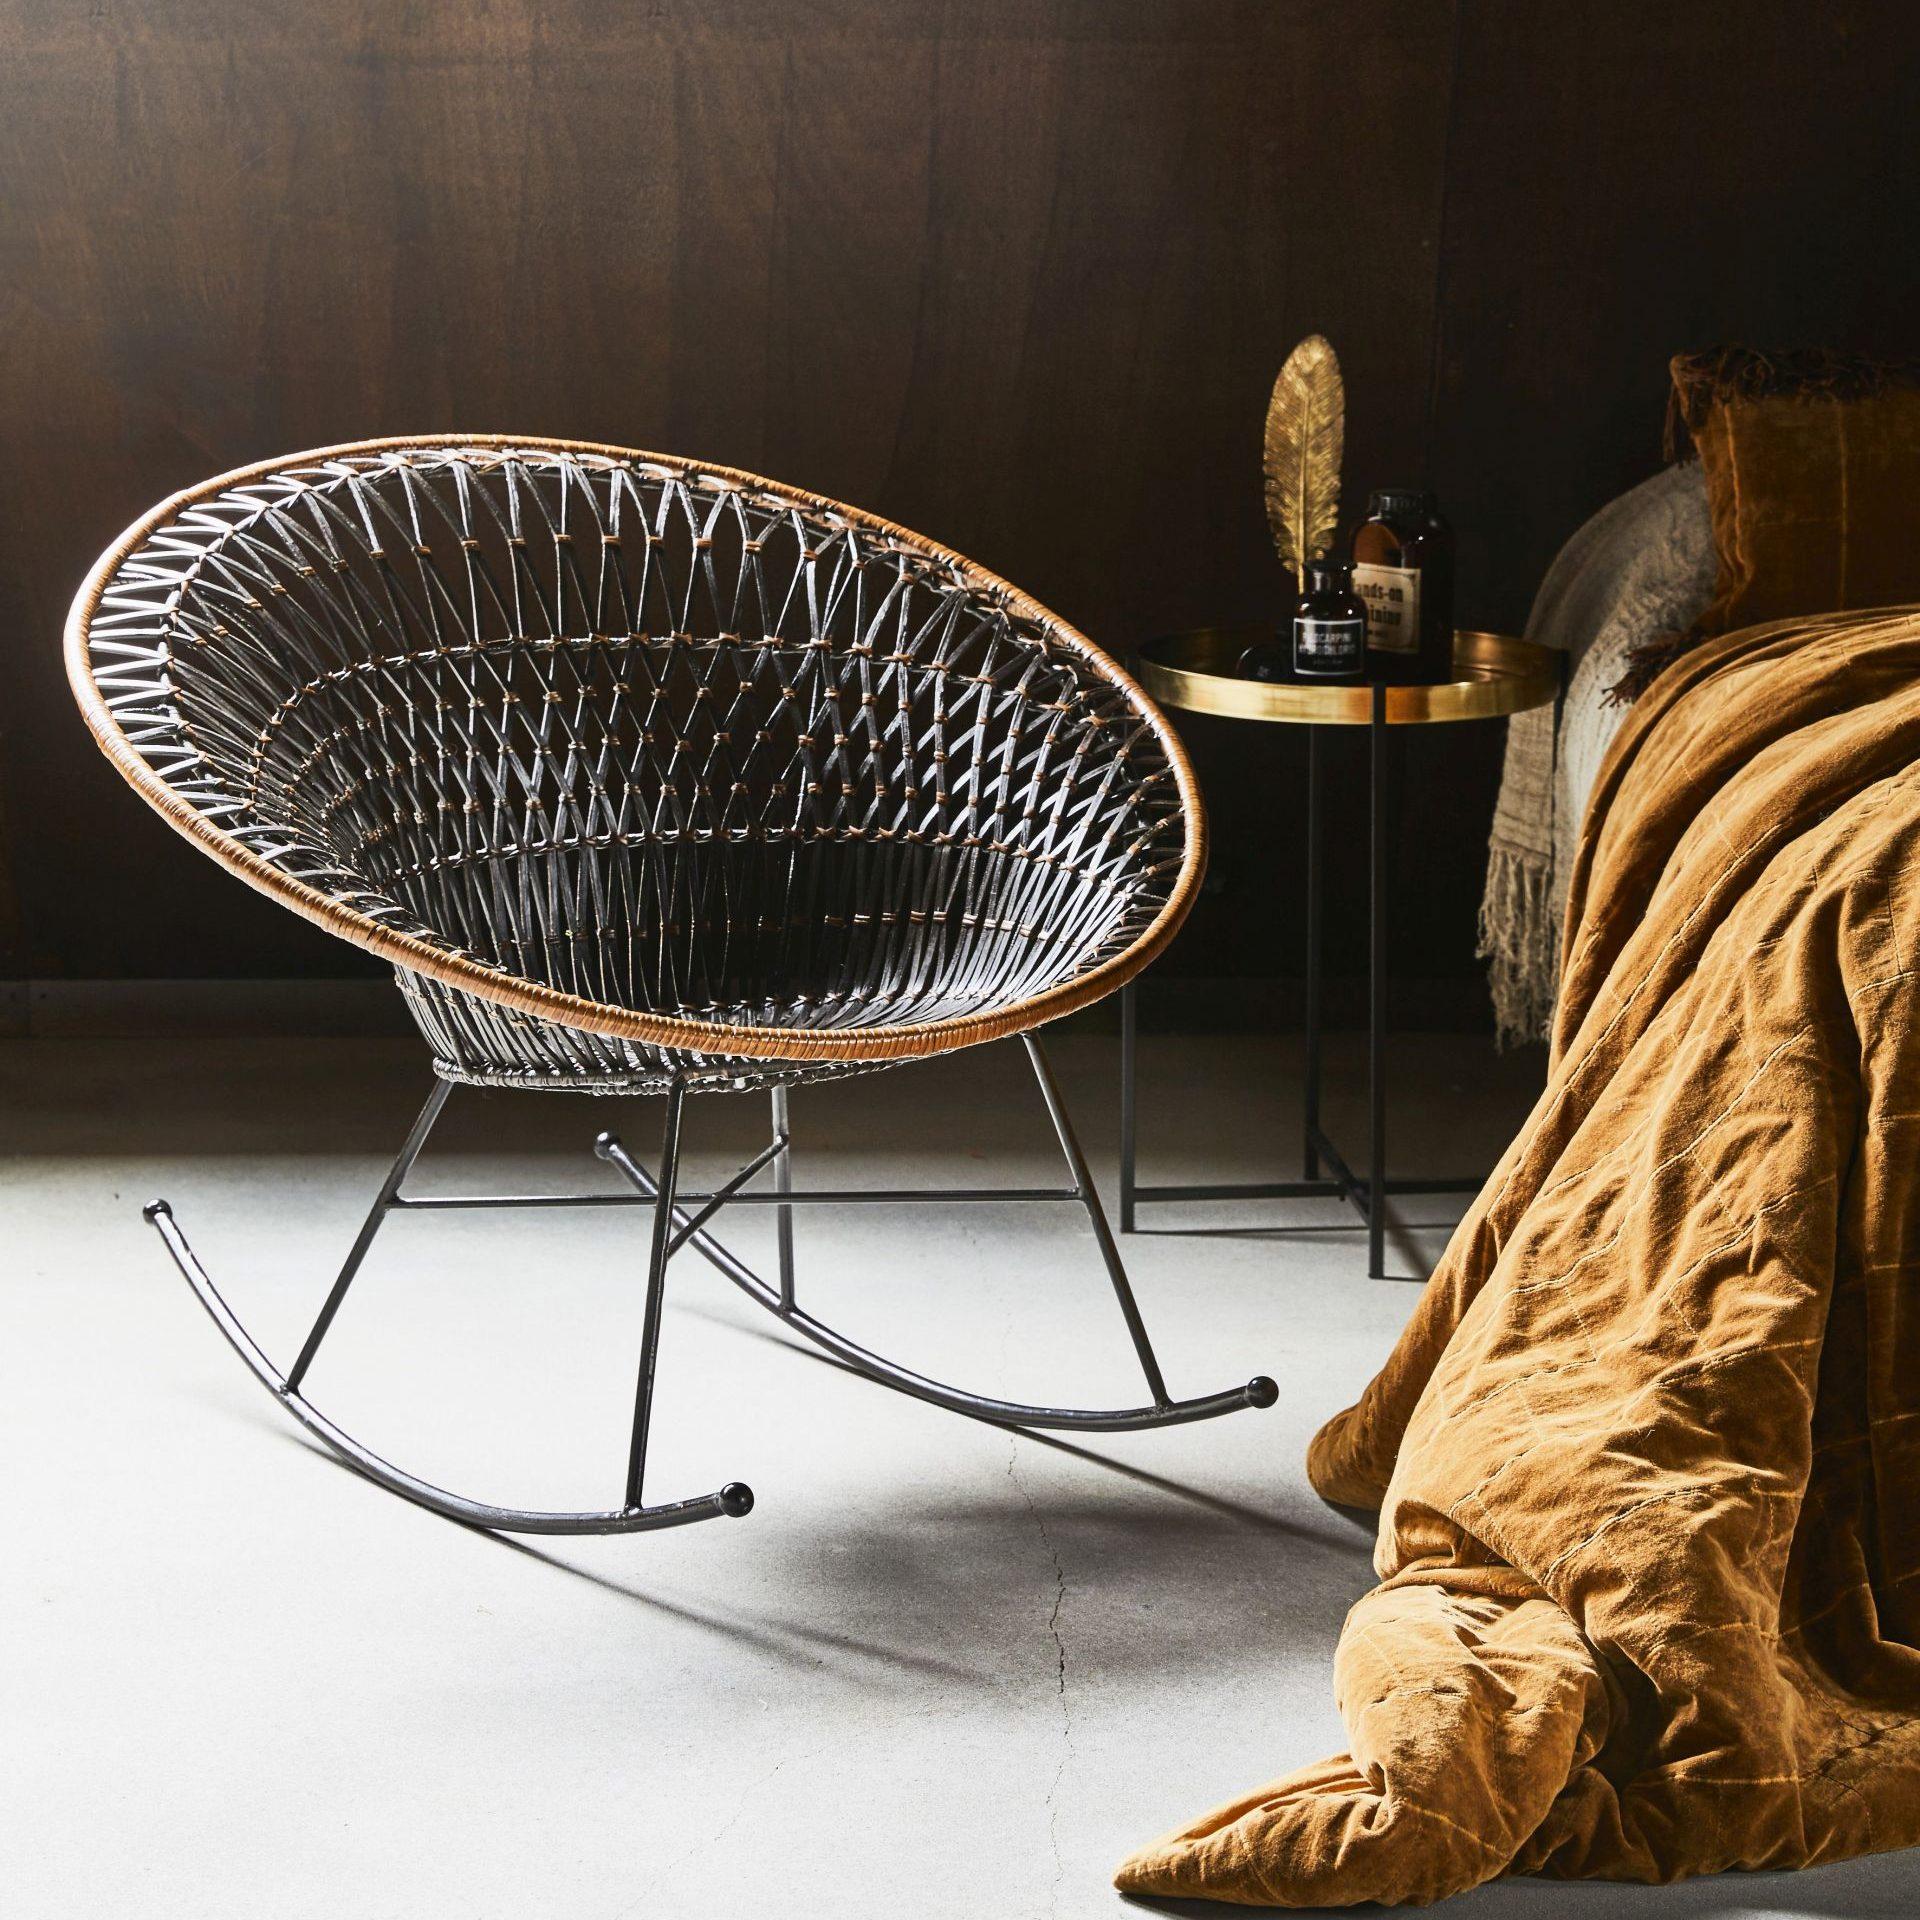 Fotel rattanowy bujany z oferty HK Living w cenie 1 899 zł, narzuta na łóżko w kolorze musztardowym (wymiary 230×250 cm) 1 699 zł, stolik z metalową tacą i mosiężną ramą (średnica 40, wysokość 63 cm) 599 zł. www.dutchhouse.pl